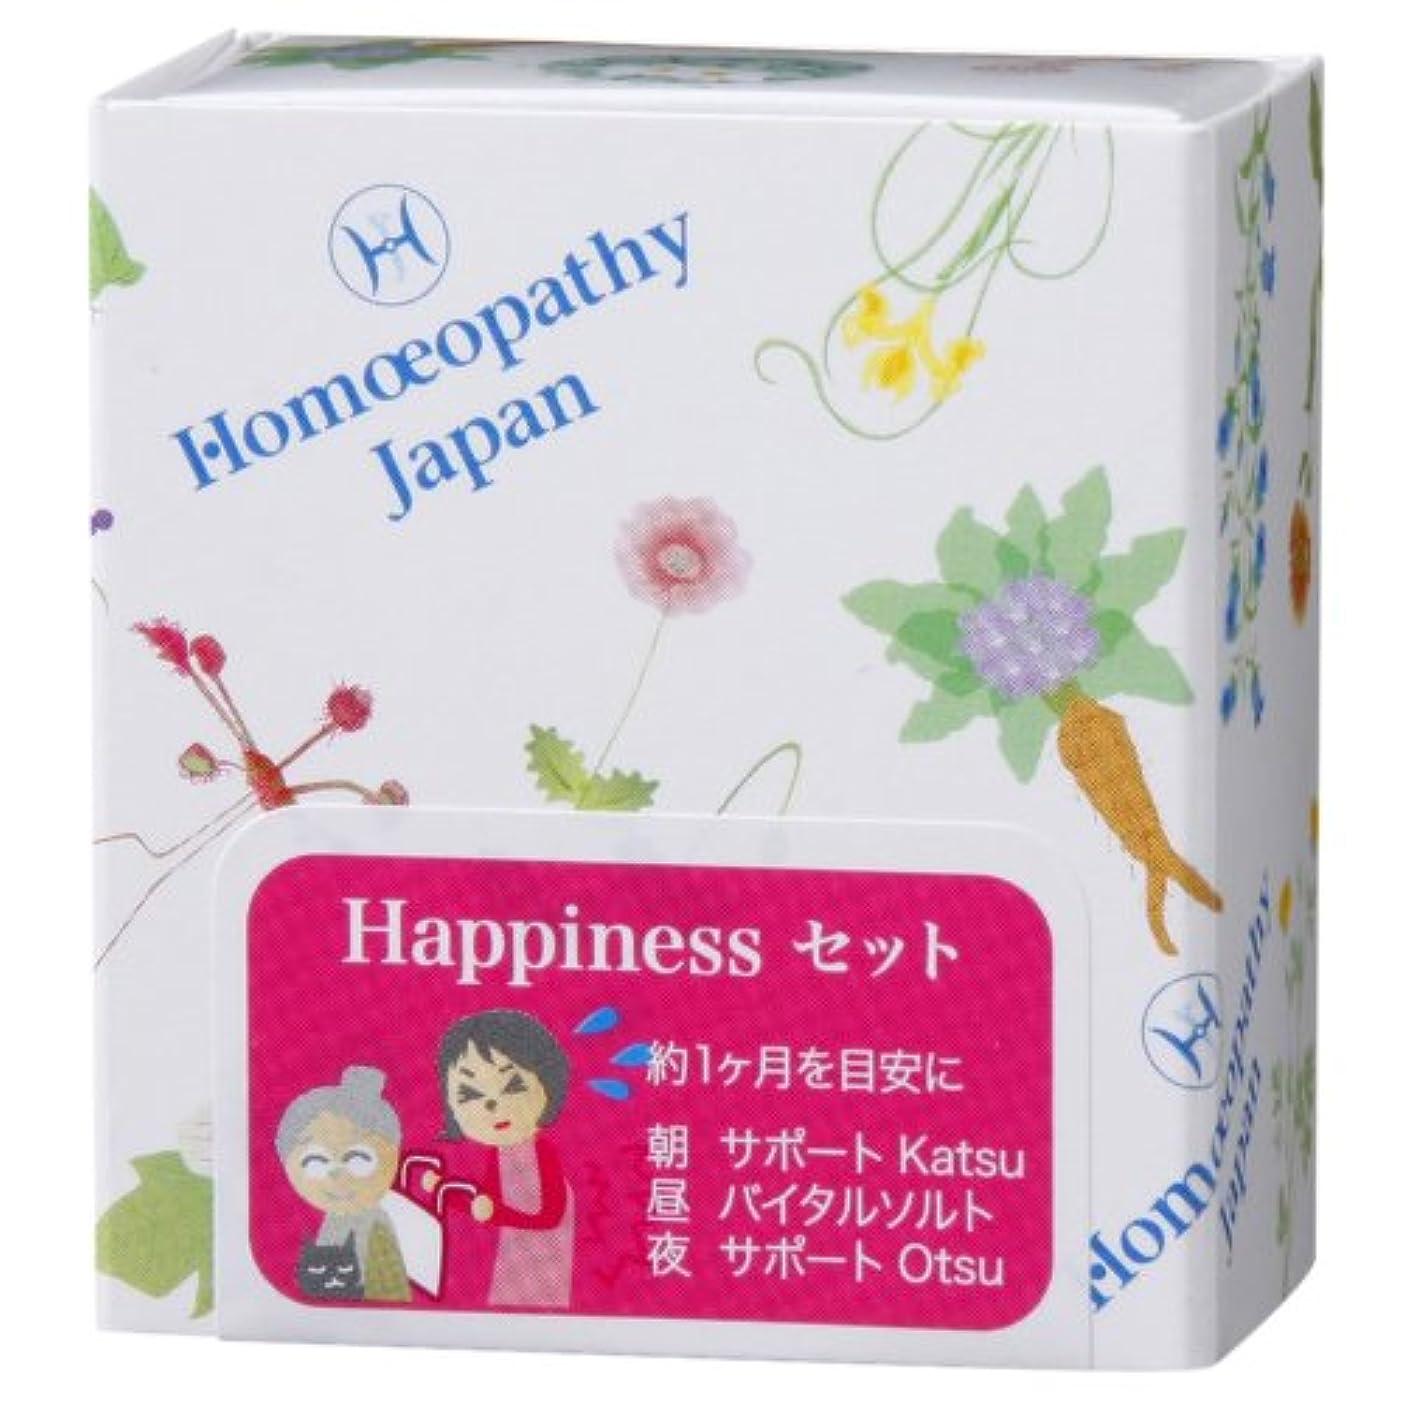 サイクロプス歌うかわいらしいホメオパシージャパンレメディー Happinessセット